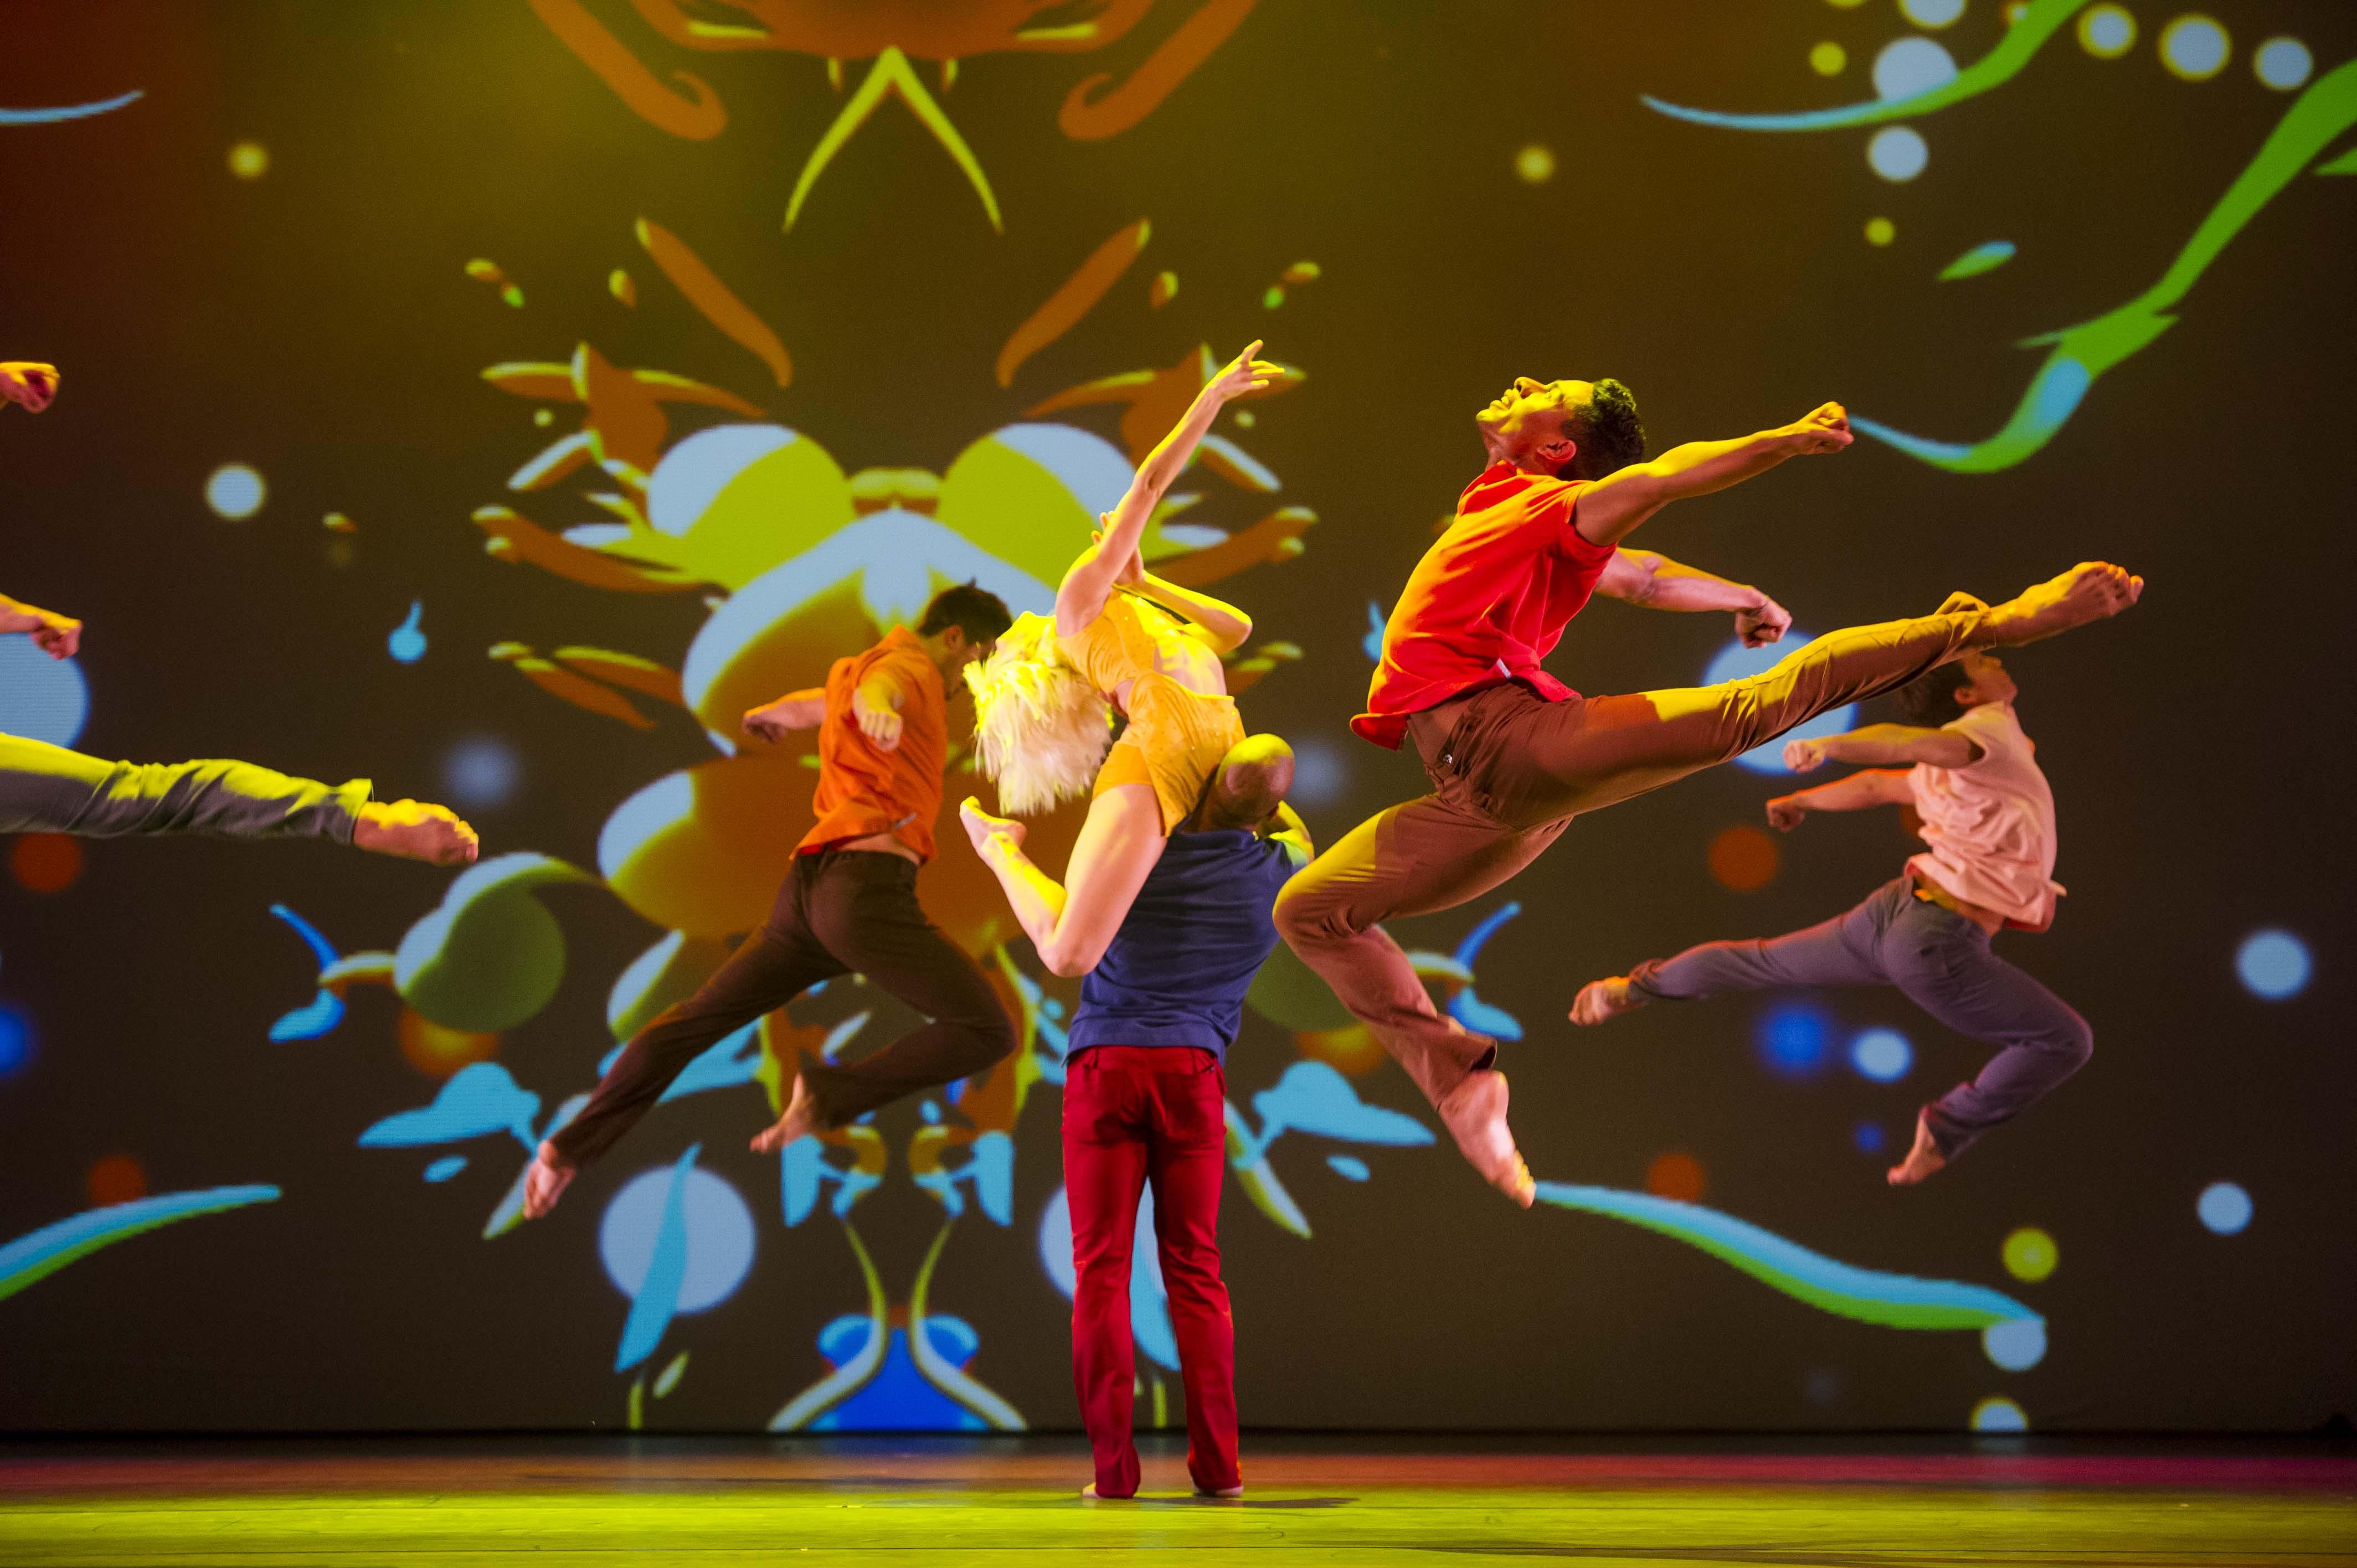 """Das Ensemble am 04. Januar 2013 waehrend einer Probe zu der Tanzshow """"ROCK THE BALLET"""" Starring BAD BOYS OF DANCE - Die neue Show 2013' des amerikanischen Tänzers und Choreographen Rasta Thomas. Die Premiere ist am 05.01.2013 auf Kampnagel in Hamburg. © Oliver Fantitsch, PF 201723, D-20207 HH, Deutschland, Tel: 040/562448, Tel: 0163/5405849, oliver@fantitsch.de"""